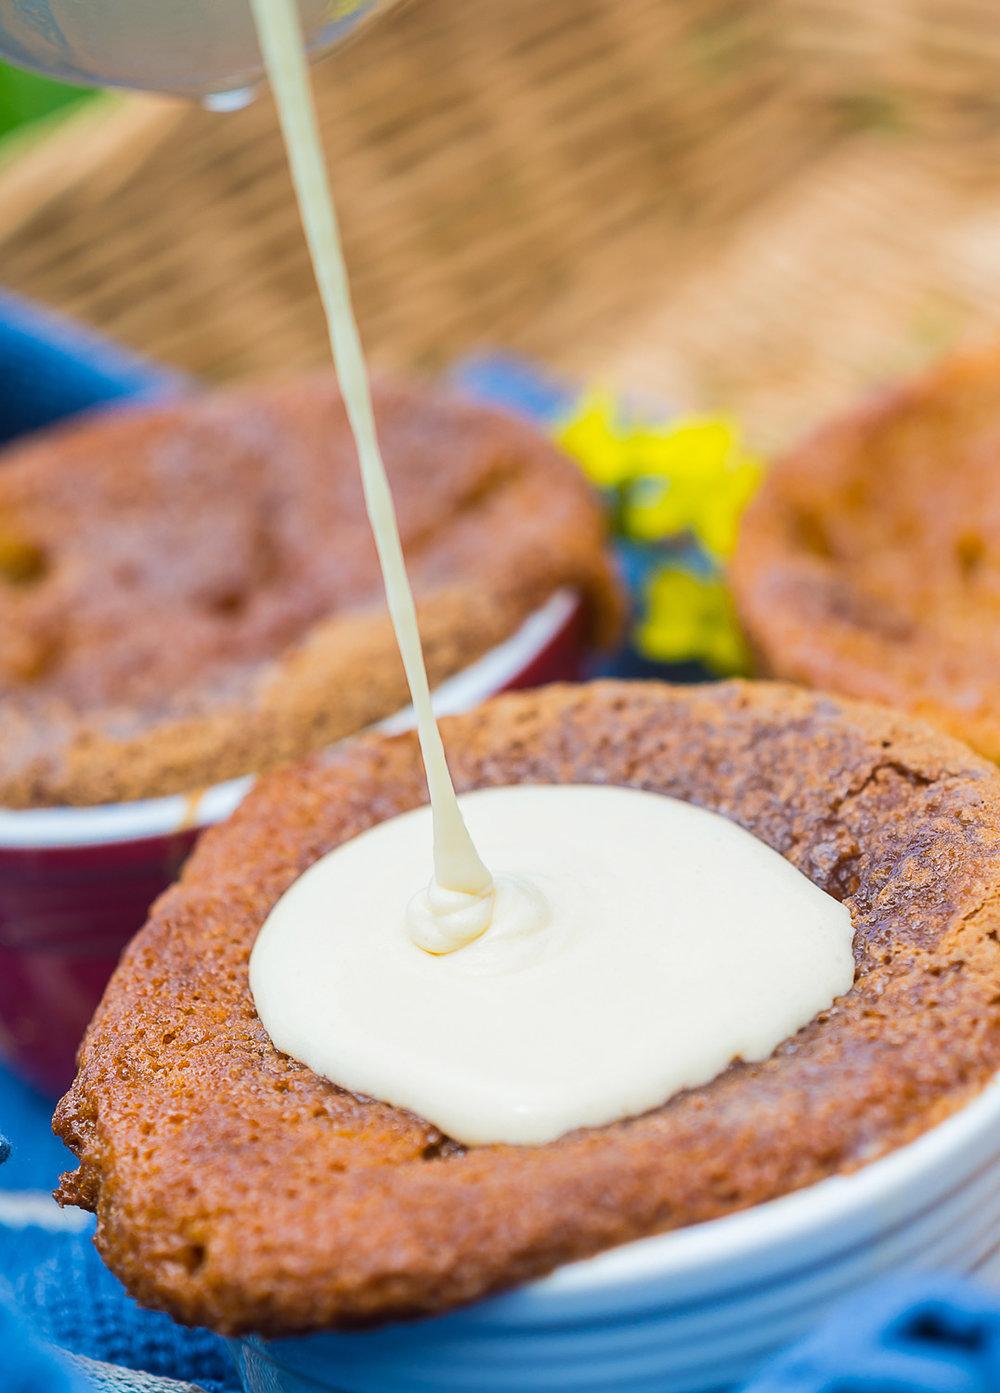 vinegar-pudding-lrg.jpg